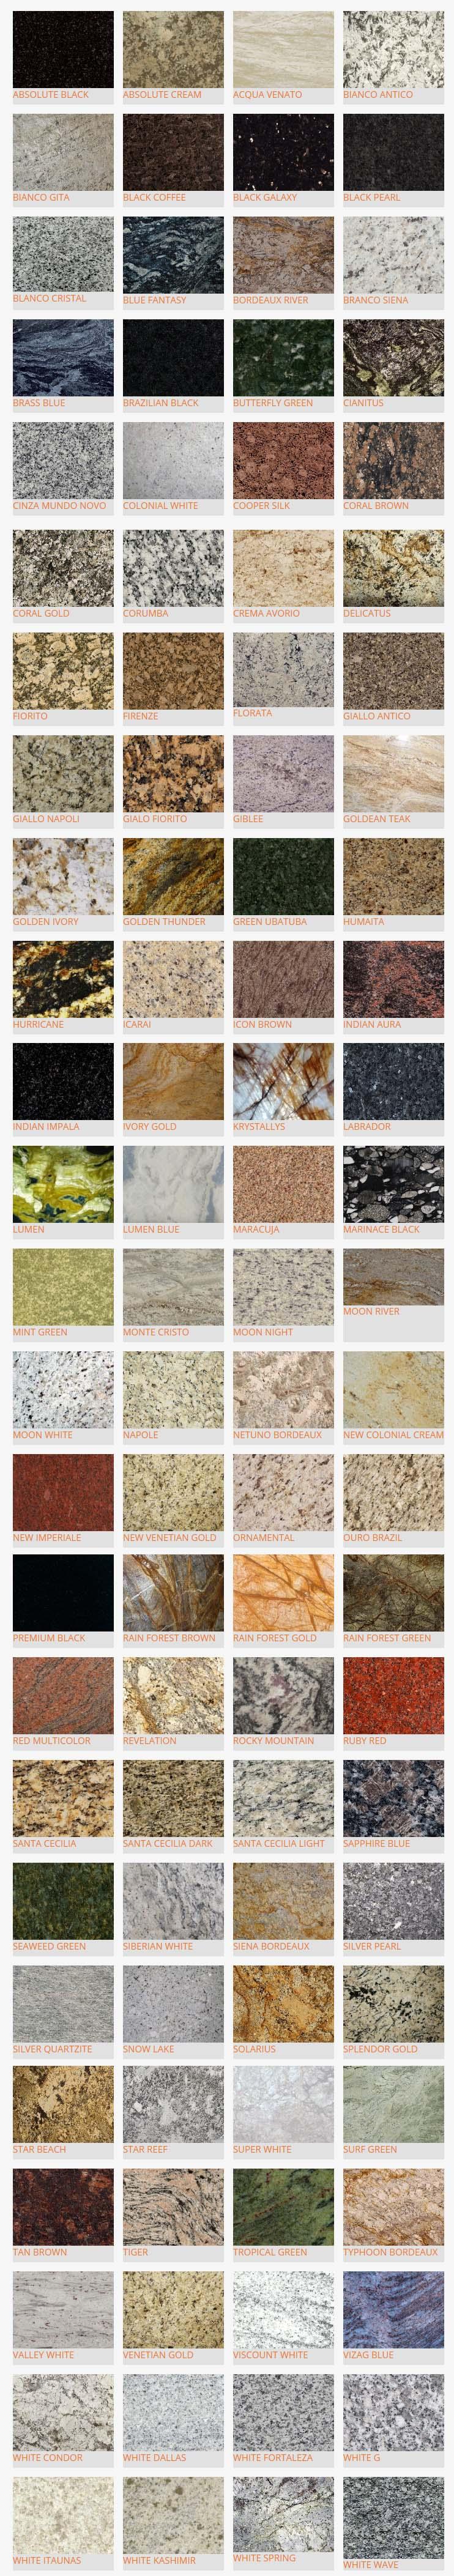 Tipos de granito http://www.cantex.mx/materiales.php?familia=1 ...